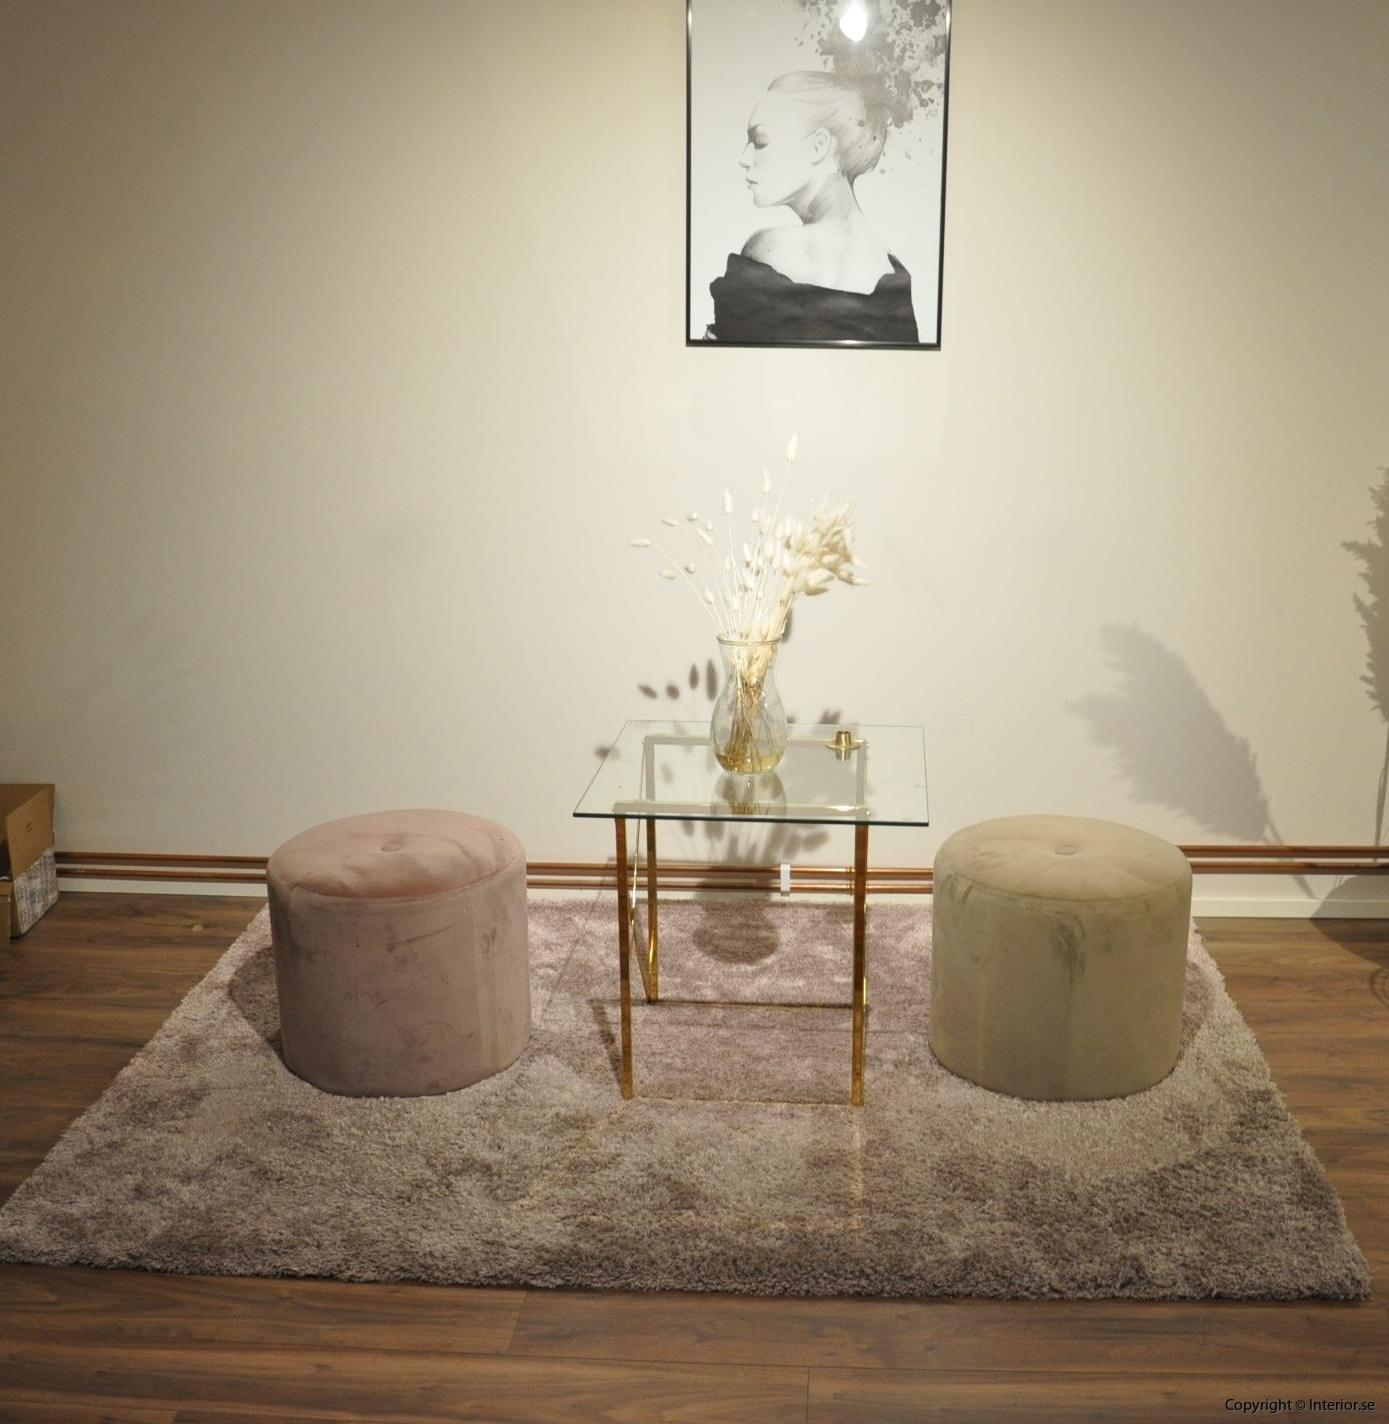 möbelgrupp designmöbler begagnade mässing glas (4)